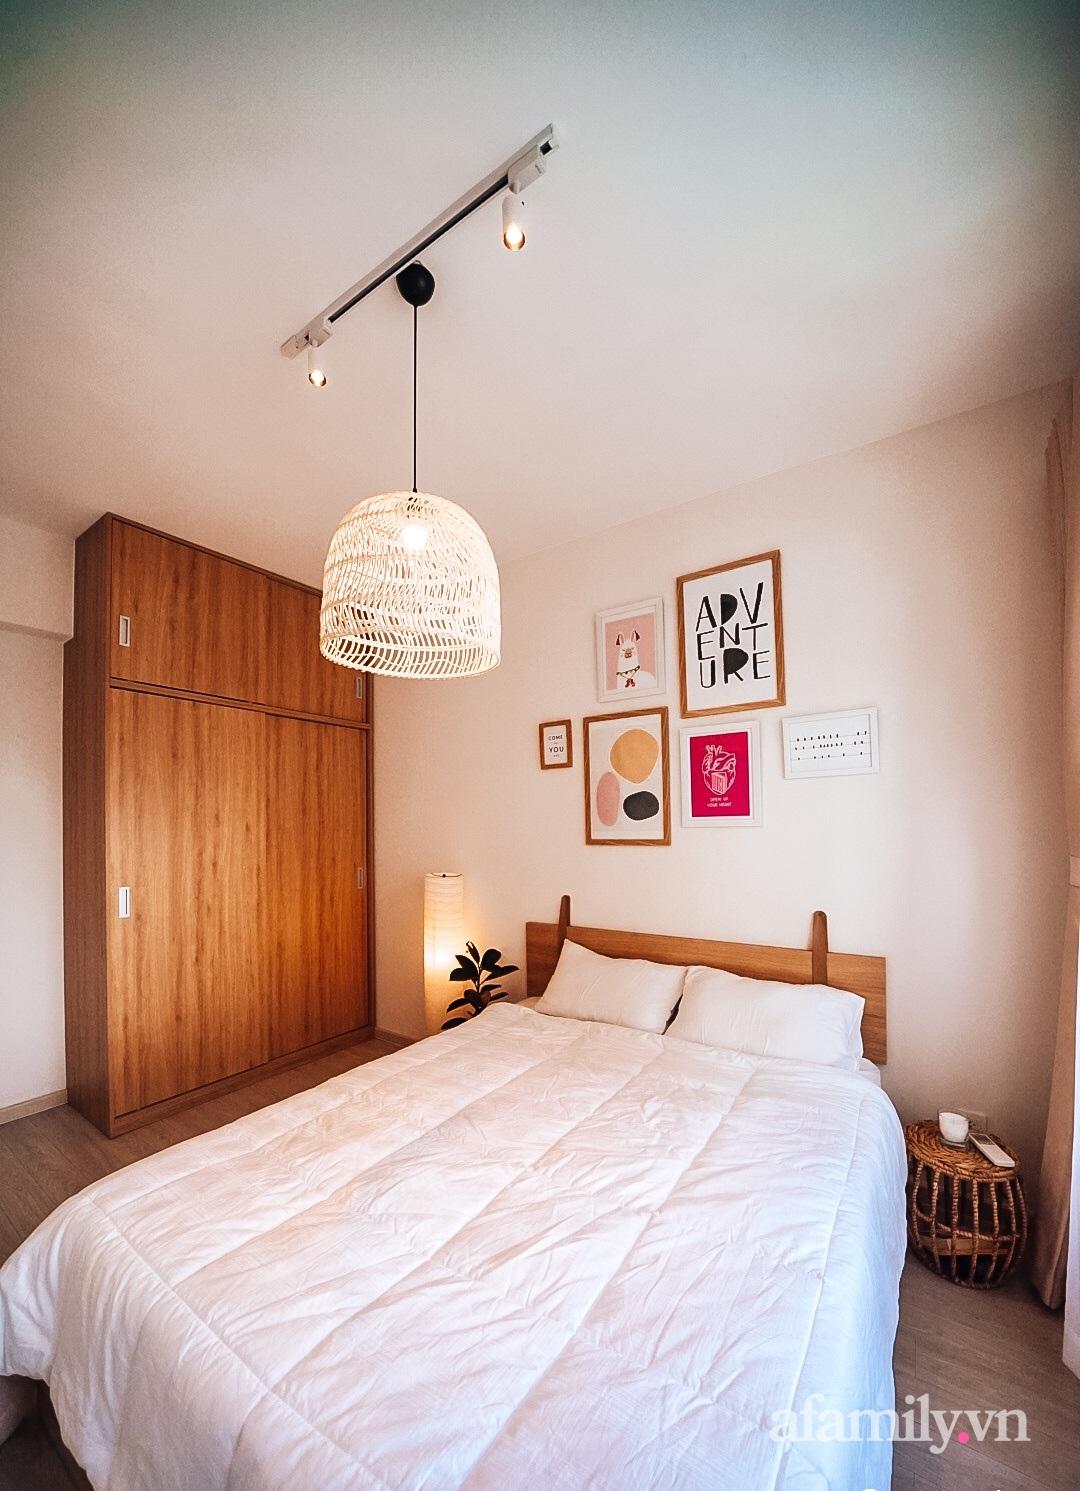 Căn hộ 75m² đầy đủ tiện ích đẹp hiện đại với gam màu trắng kem có chi phí 110 triệu đồng của cô gái độc thân ở Sài Gòn - Ảnh 15.